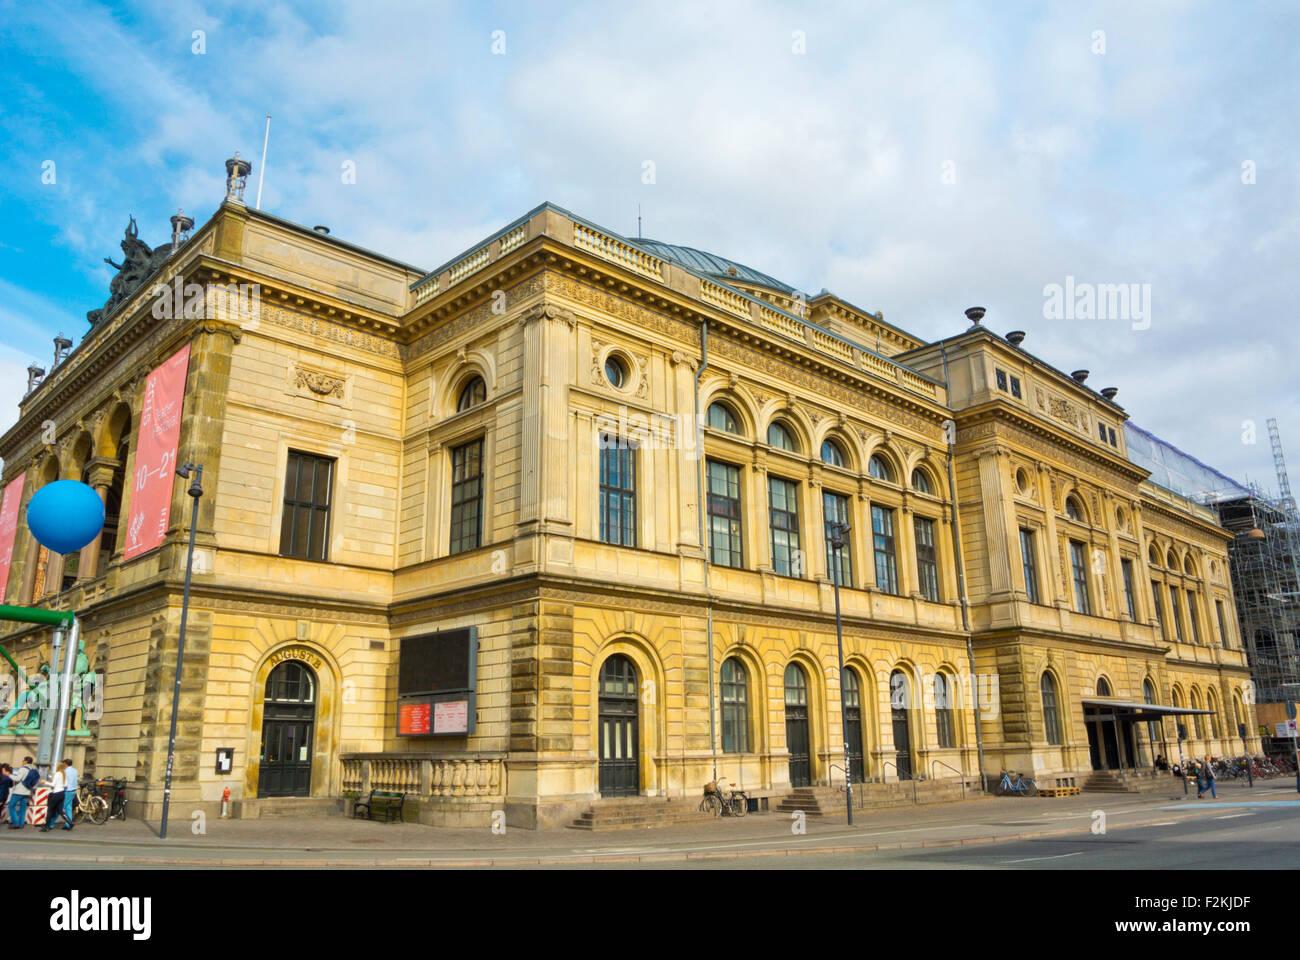 Det Kongelige Teater, Royal Danish Theatre, Kongens Nytorv, Copenhagen, Denmark - Stock Image